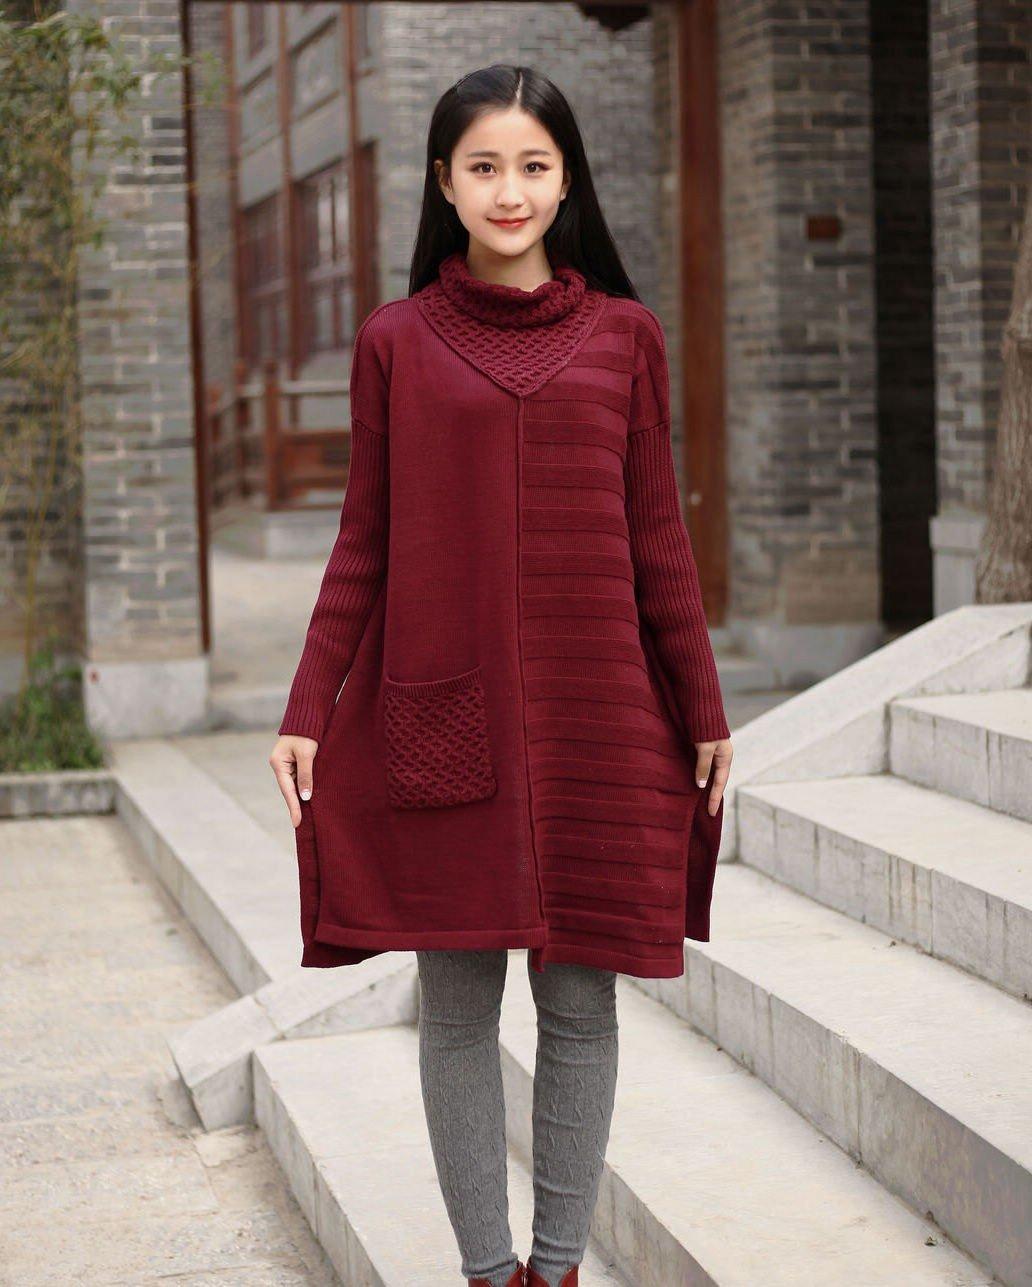 тенденции моды осень зима 2018 2019: бордовый длинный свитер